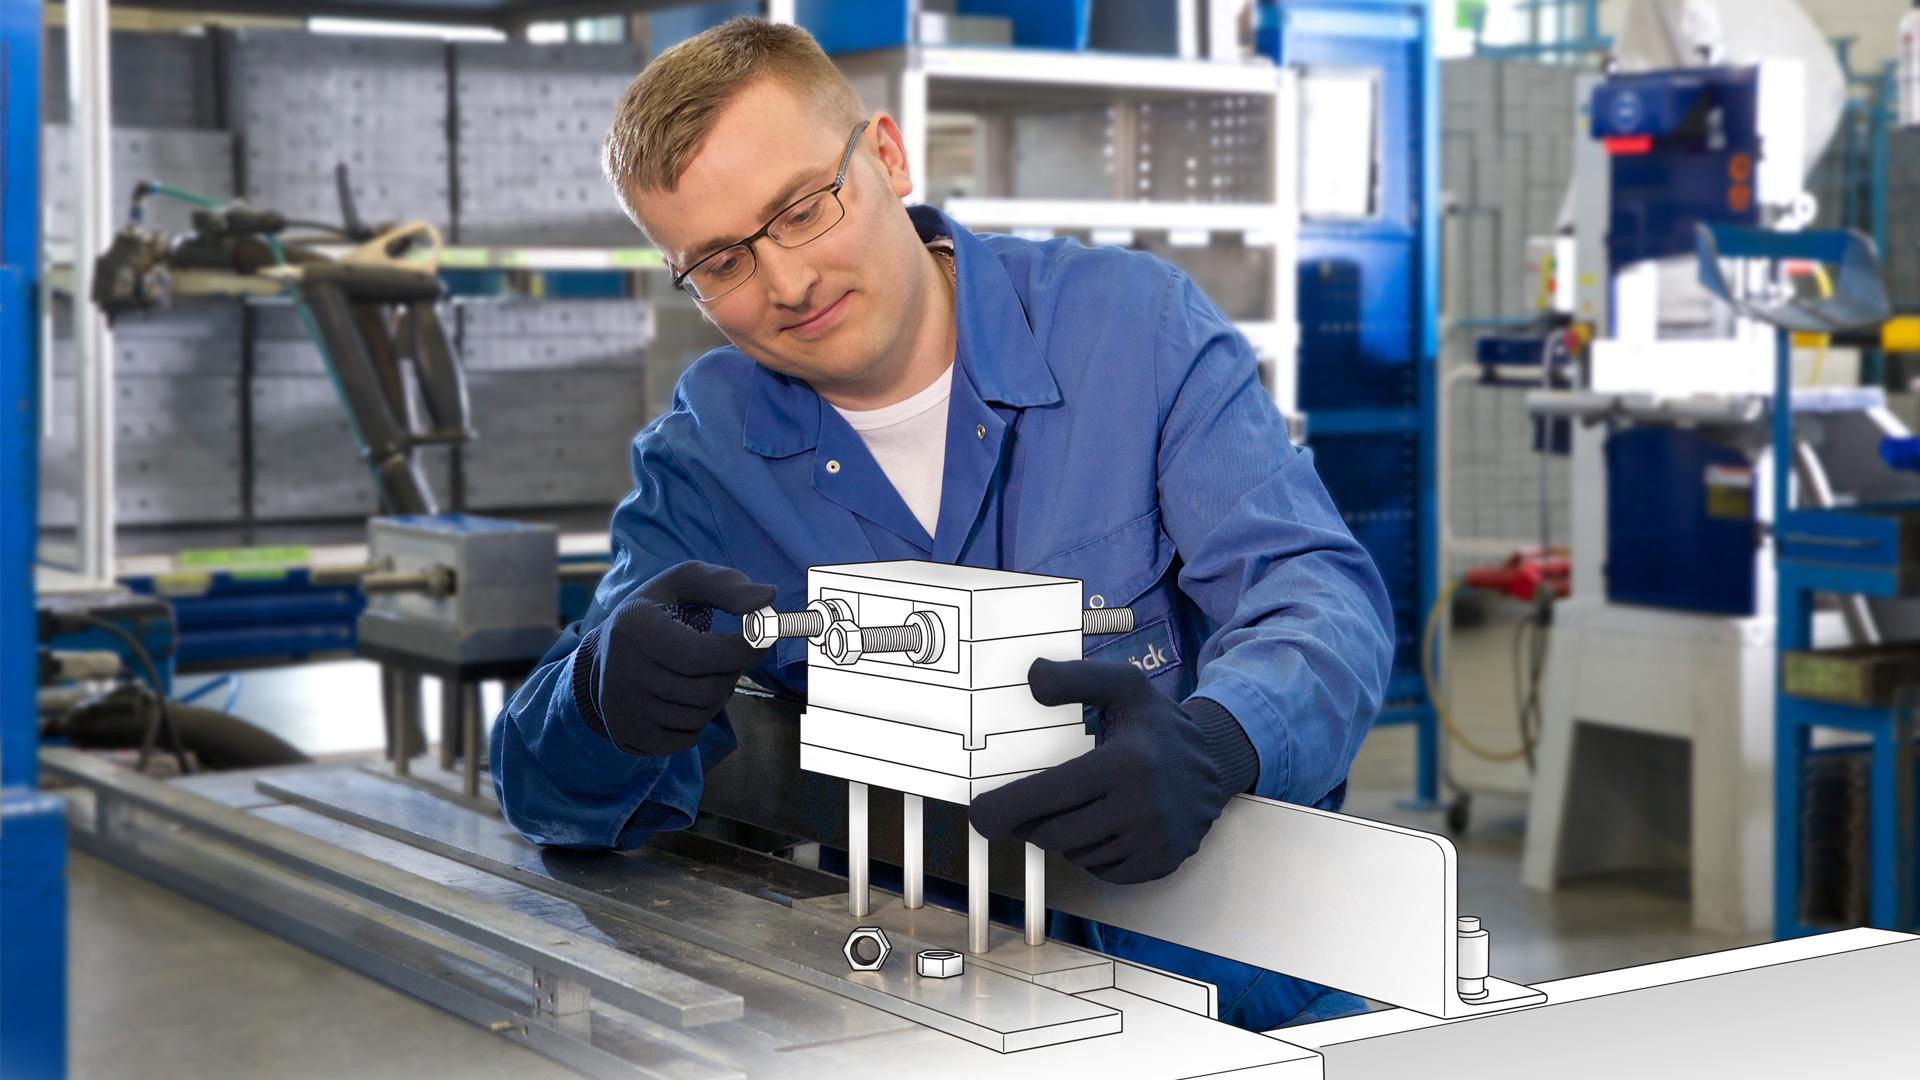 Produktionsmitarbeiter (m/w/d) im Schichtbetrieb, Standort Essen (vorerst 2 Jahre befristet)